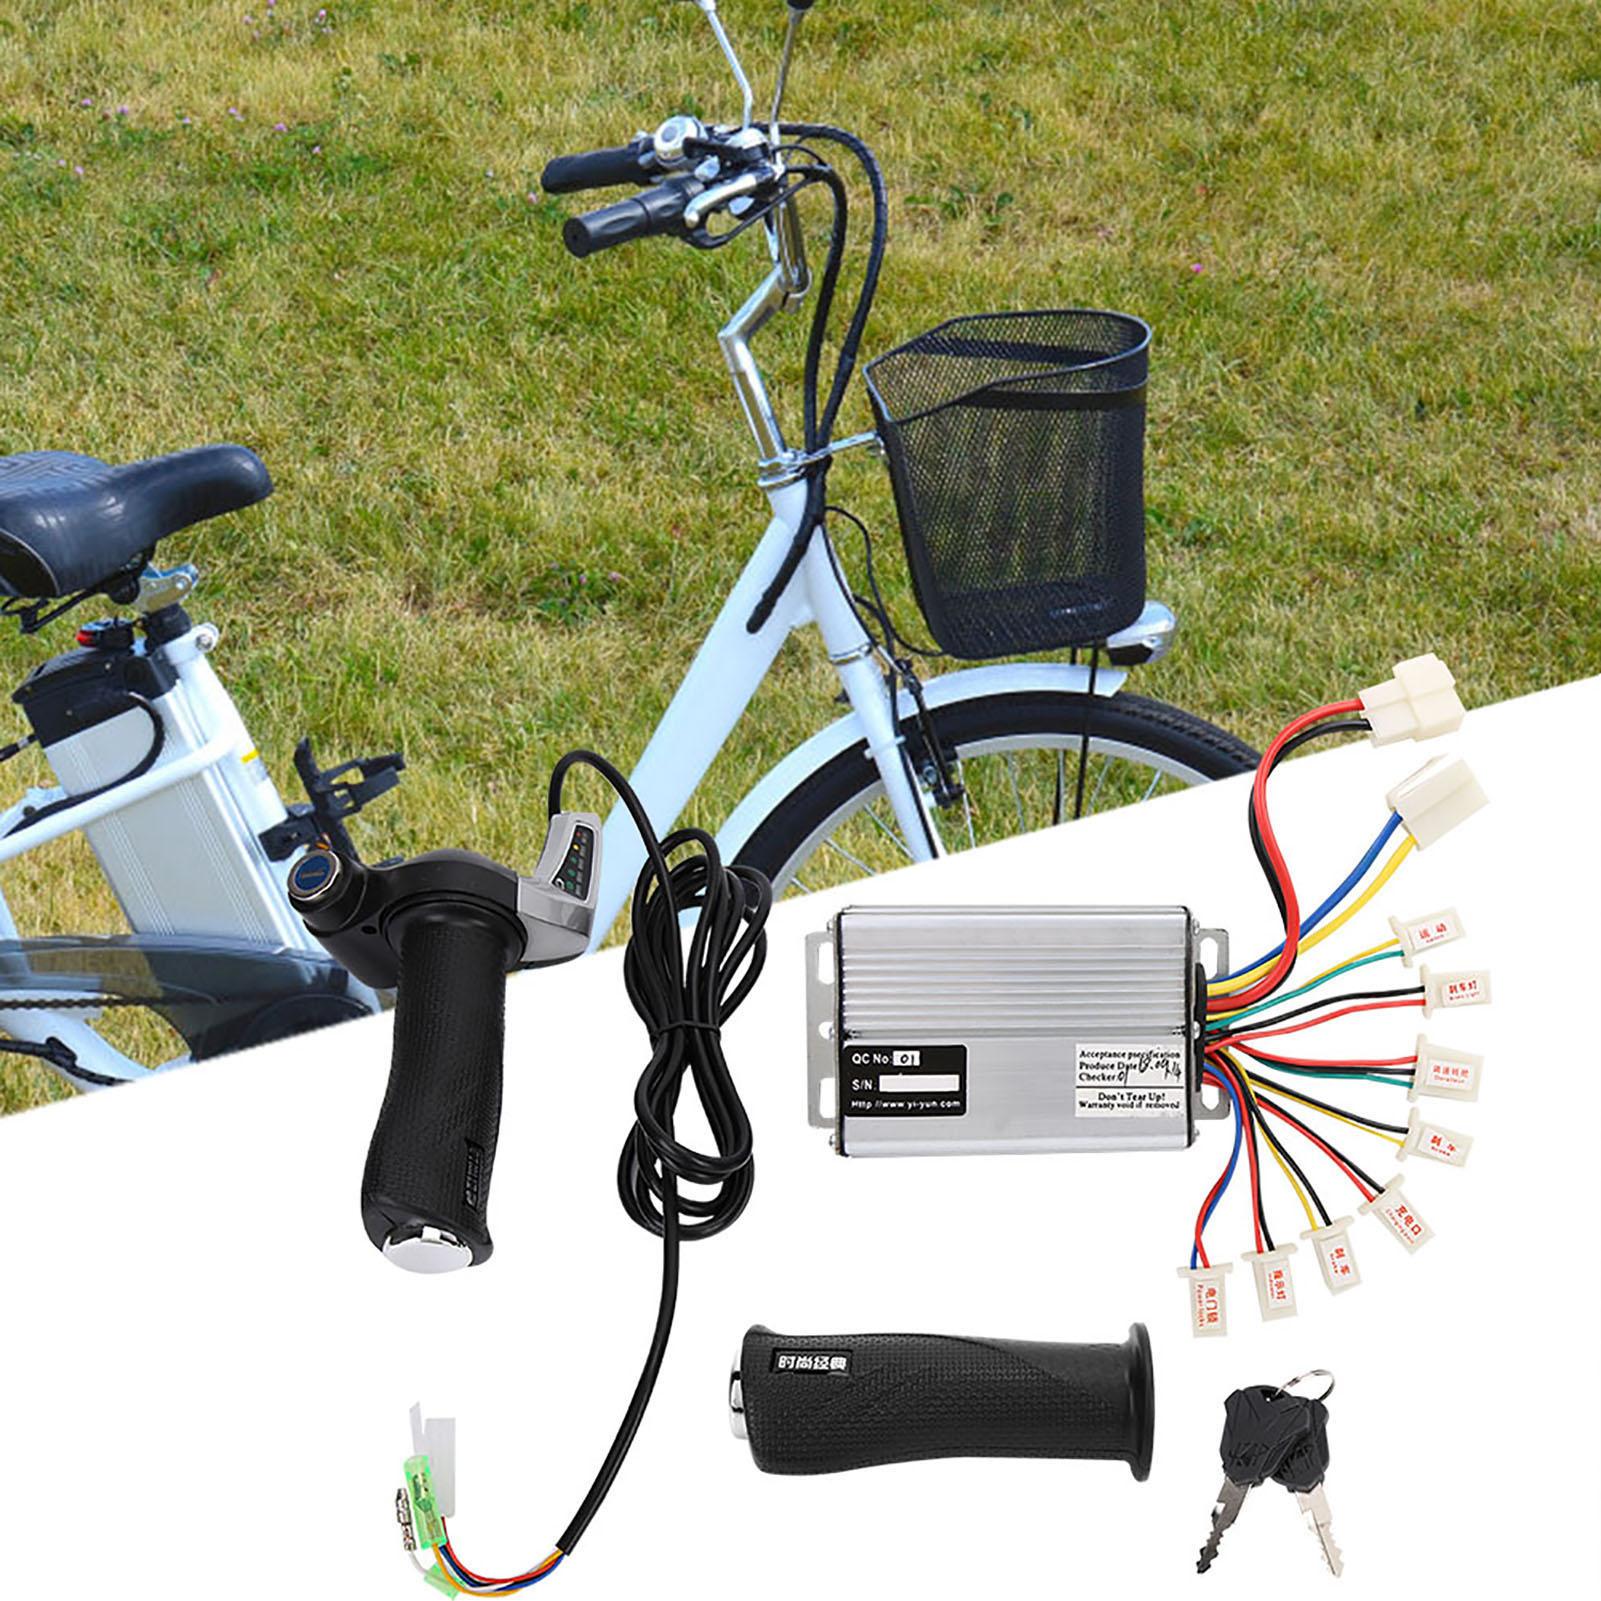 500-1000W-24-36-48V-Motor-Brush-Speed-Controller-Box-For-E-bike-Scooter-W-Lock thumbnail 24